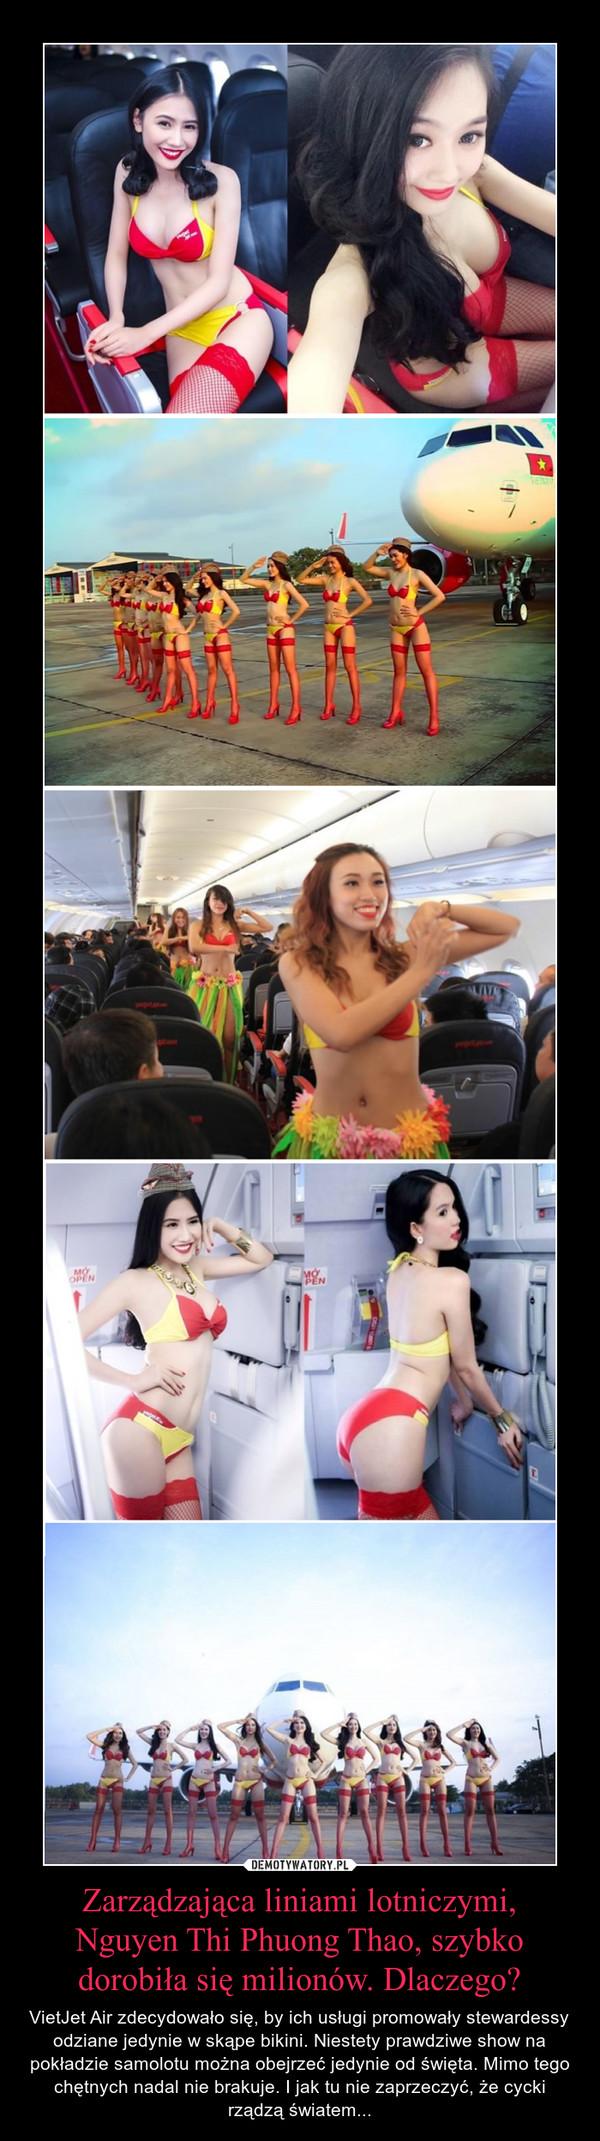 Zarządzająca liniami lotniczymi, Nguyen Thi Phuong Thao, szybko dorobiła się milionów. Dlaczego? – VietJet Air zdecydowało się, by ich usługi promowały stewardessy odziane jedynie w skąpe bikini. Niestety prawdziwe show na pokładzie samolotu można obejrzeć jedynie od święta. Mimo tego chętnych nadal nie brakuje. I jak tu nie zaprzeczyć, że cycki rządzą światem...